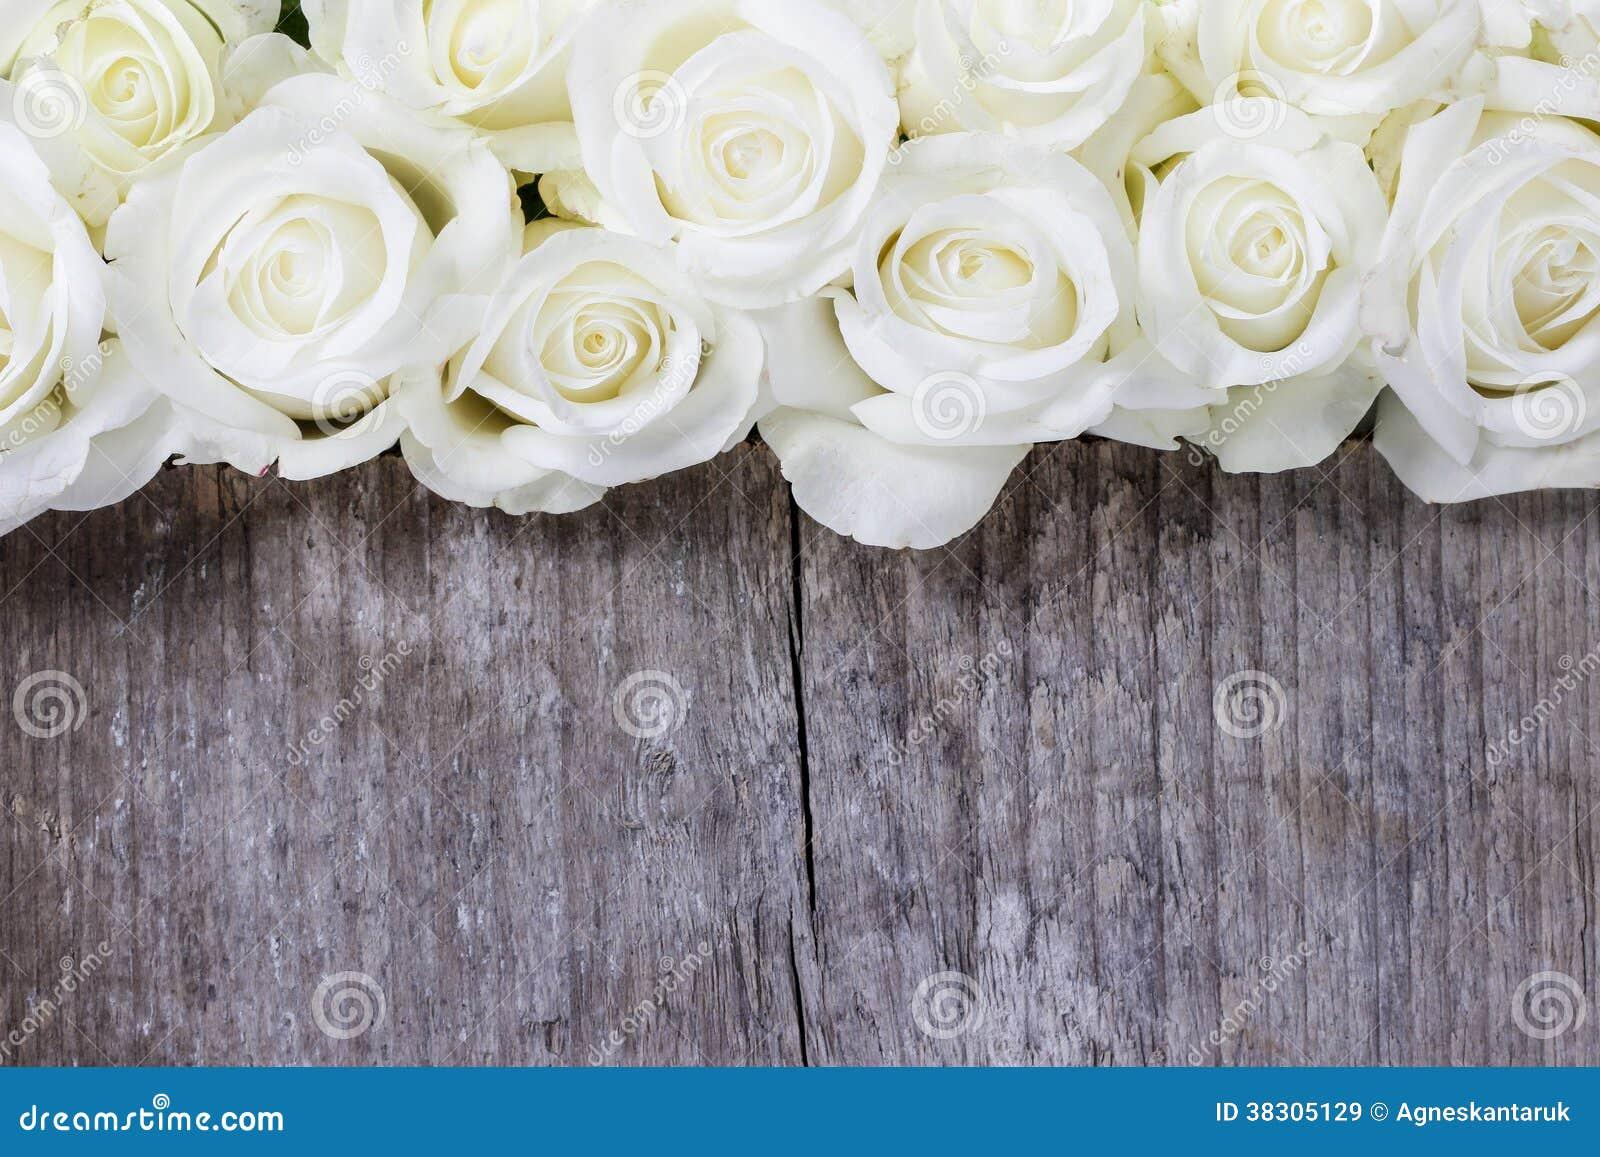 wei e rosen auf h lzernem hintergrund stockbild bild 38305129. Black Bedroom Furniture Sets. Home Design Ideas